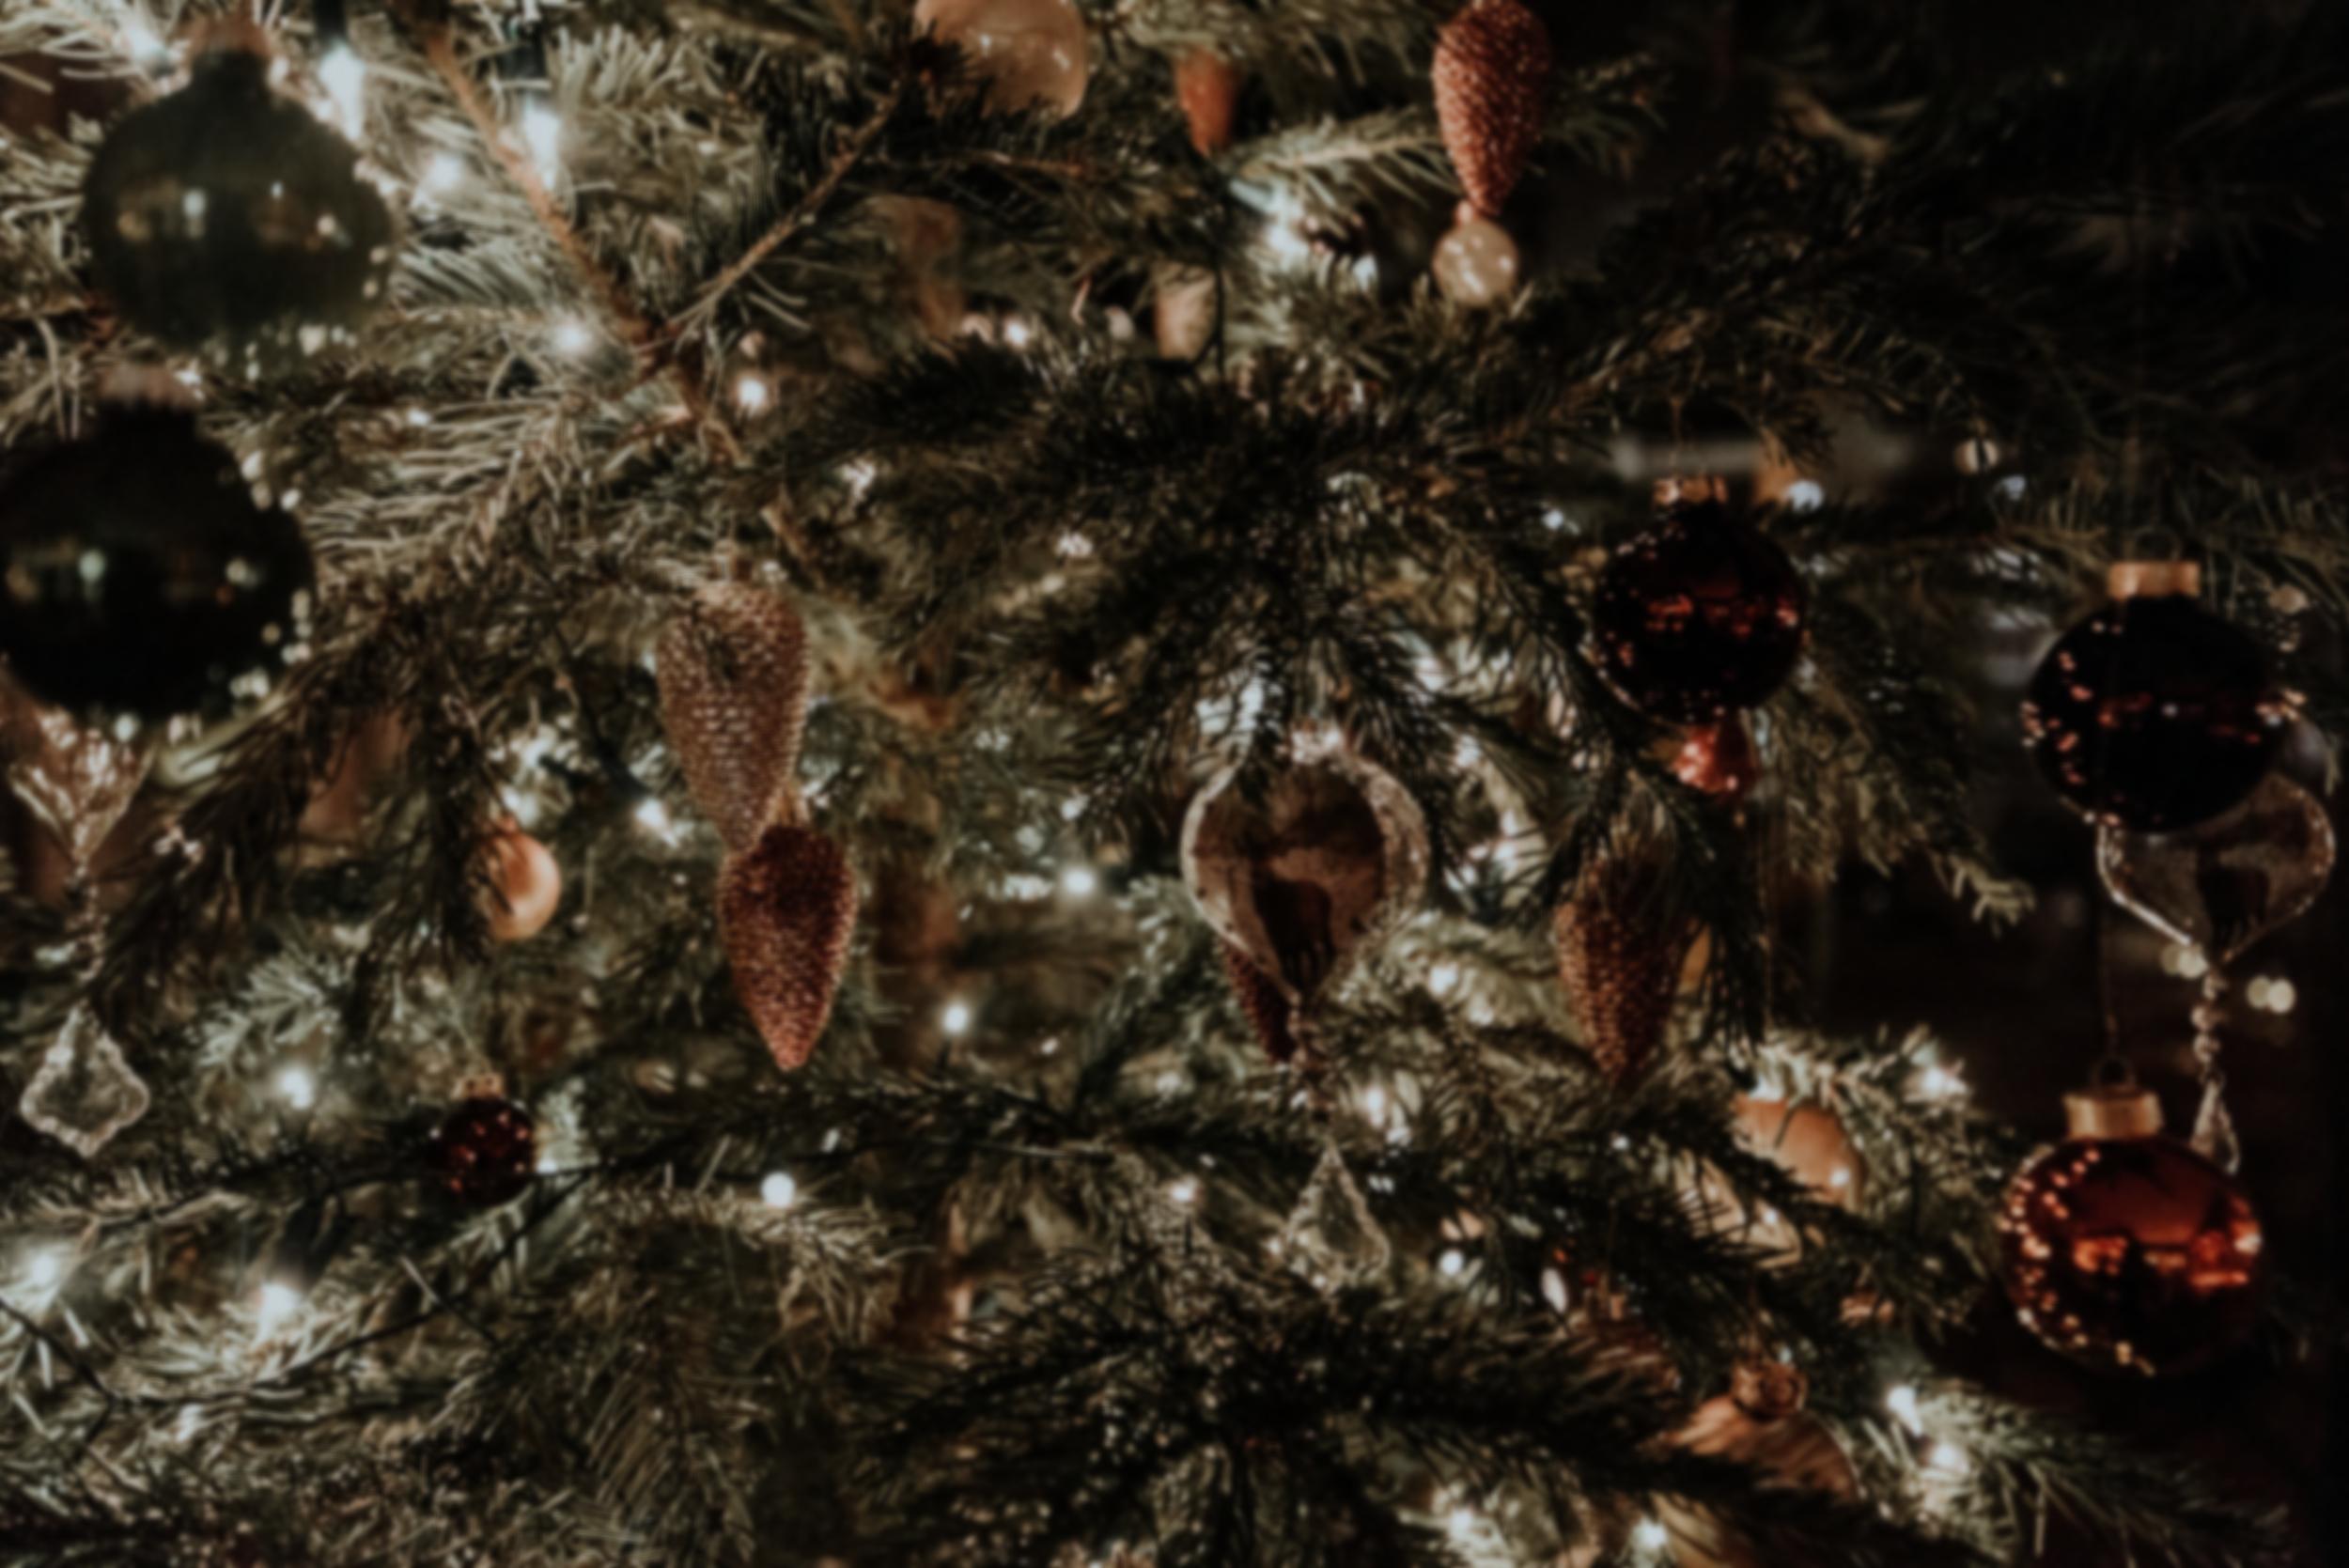 Christmas Eve's Eve - December 23, 5-7 p.m.Providence Academy2788 Carroll Creek Rd.Johnson City, TN 37615